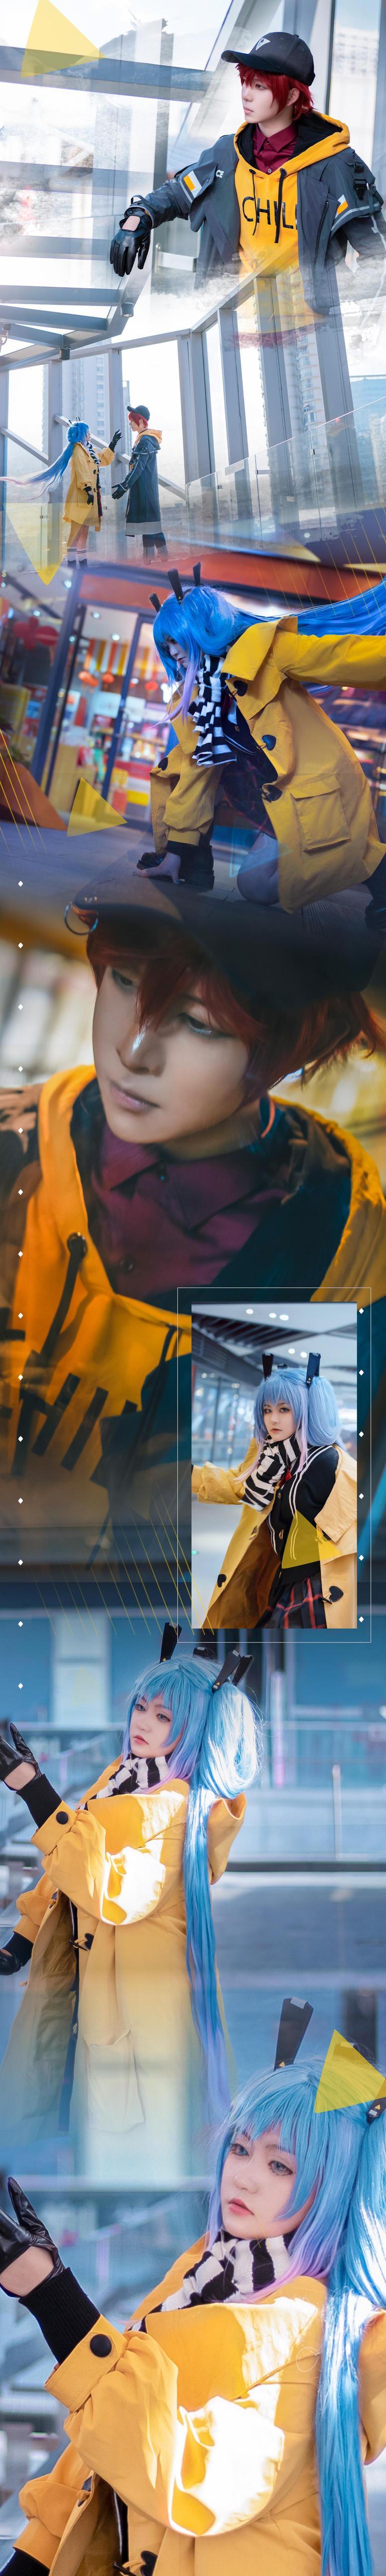 《王者荣耀》孙尚香cosplay【CN:奈黄包砸】 -逆卷奏人cosplay图片插图